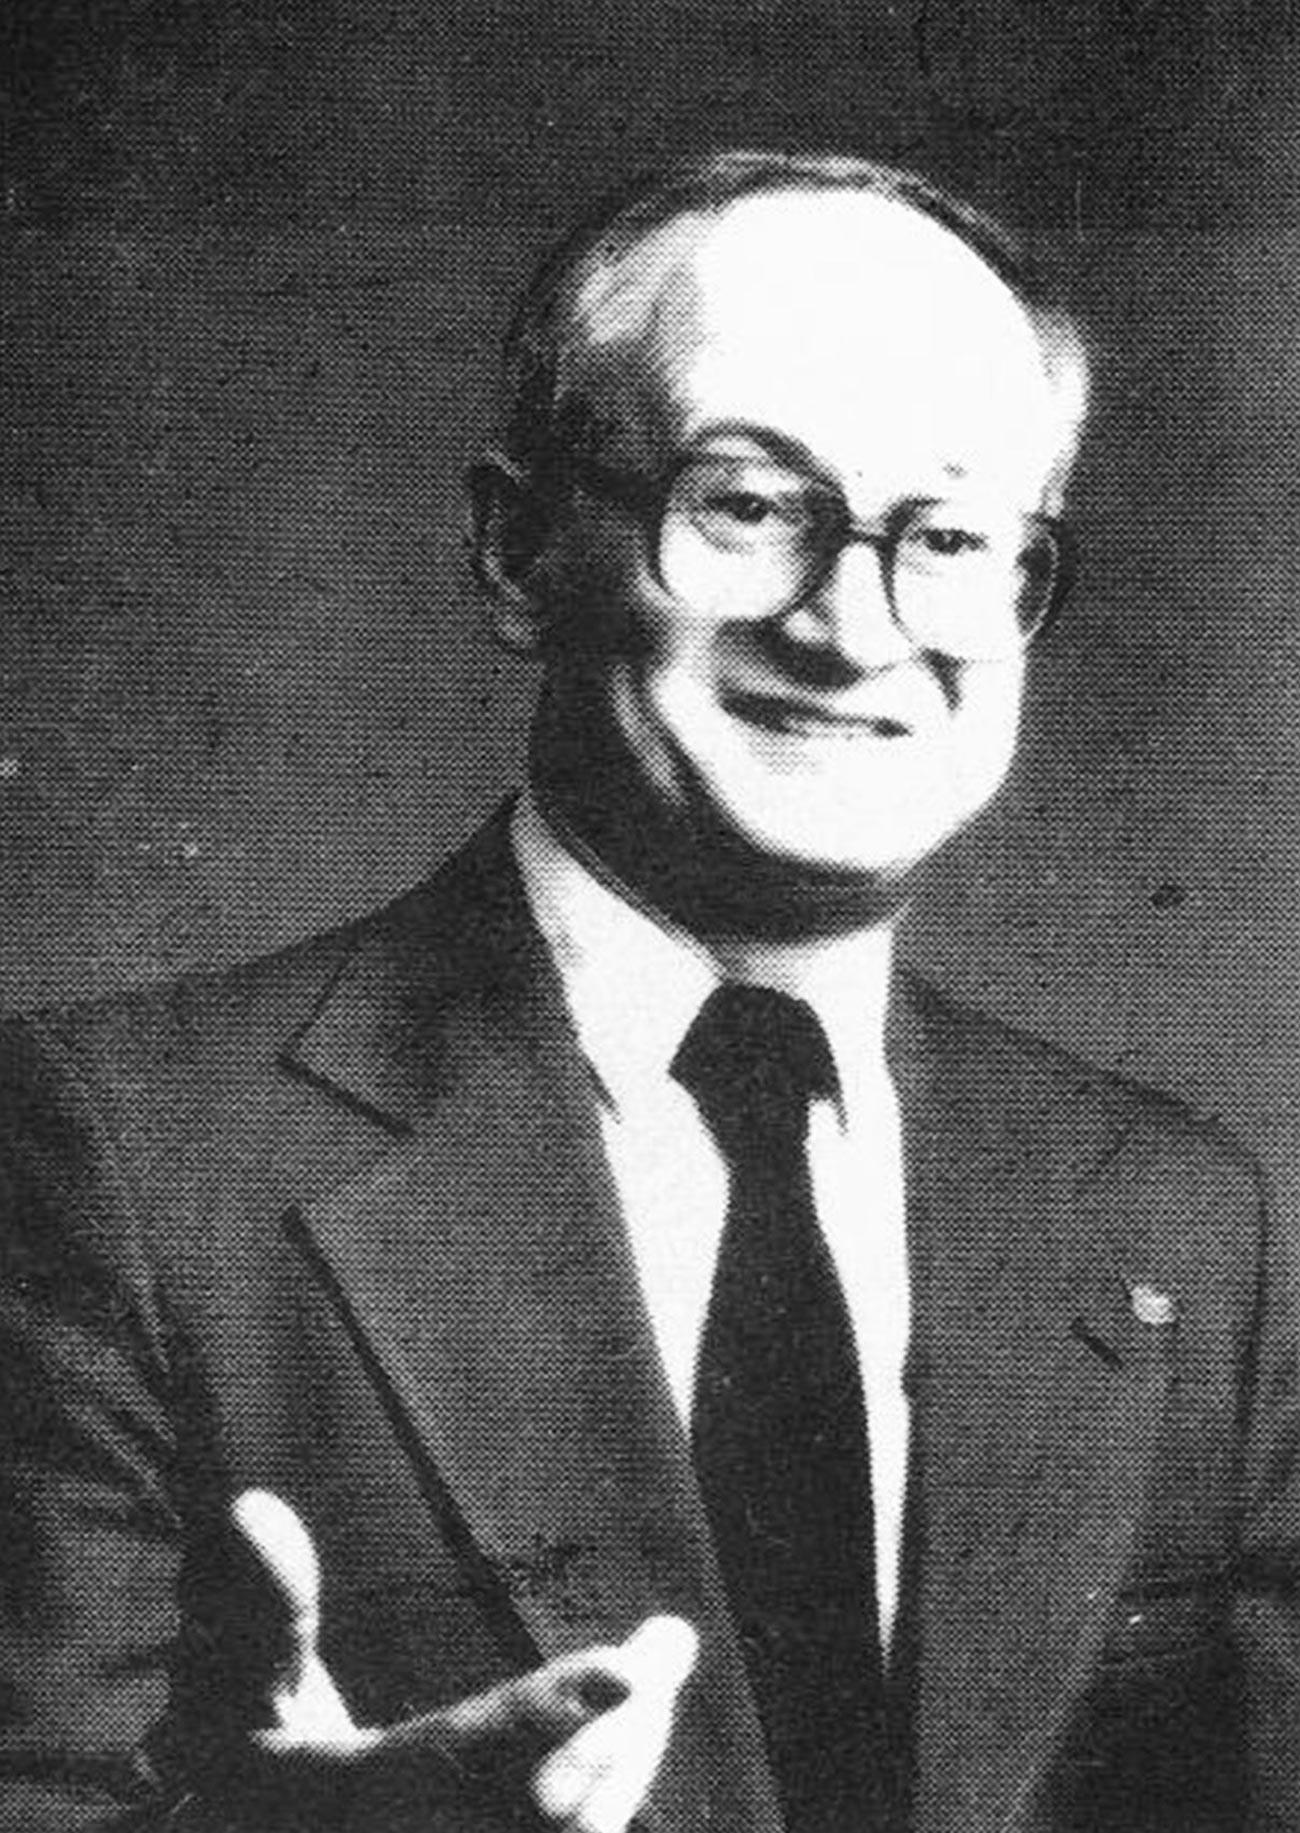 Iouri Bezmenov